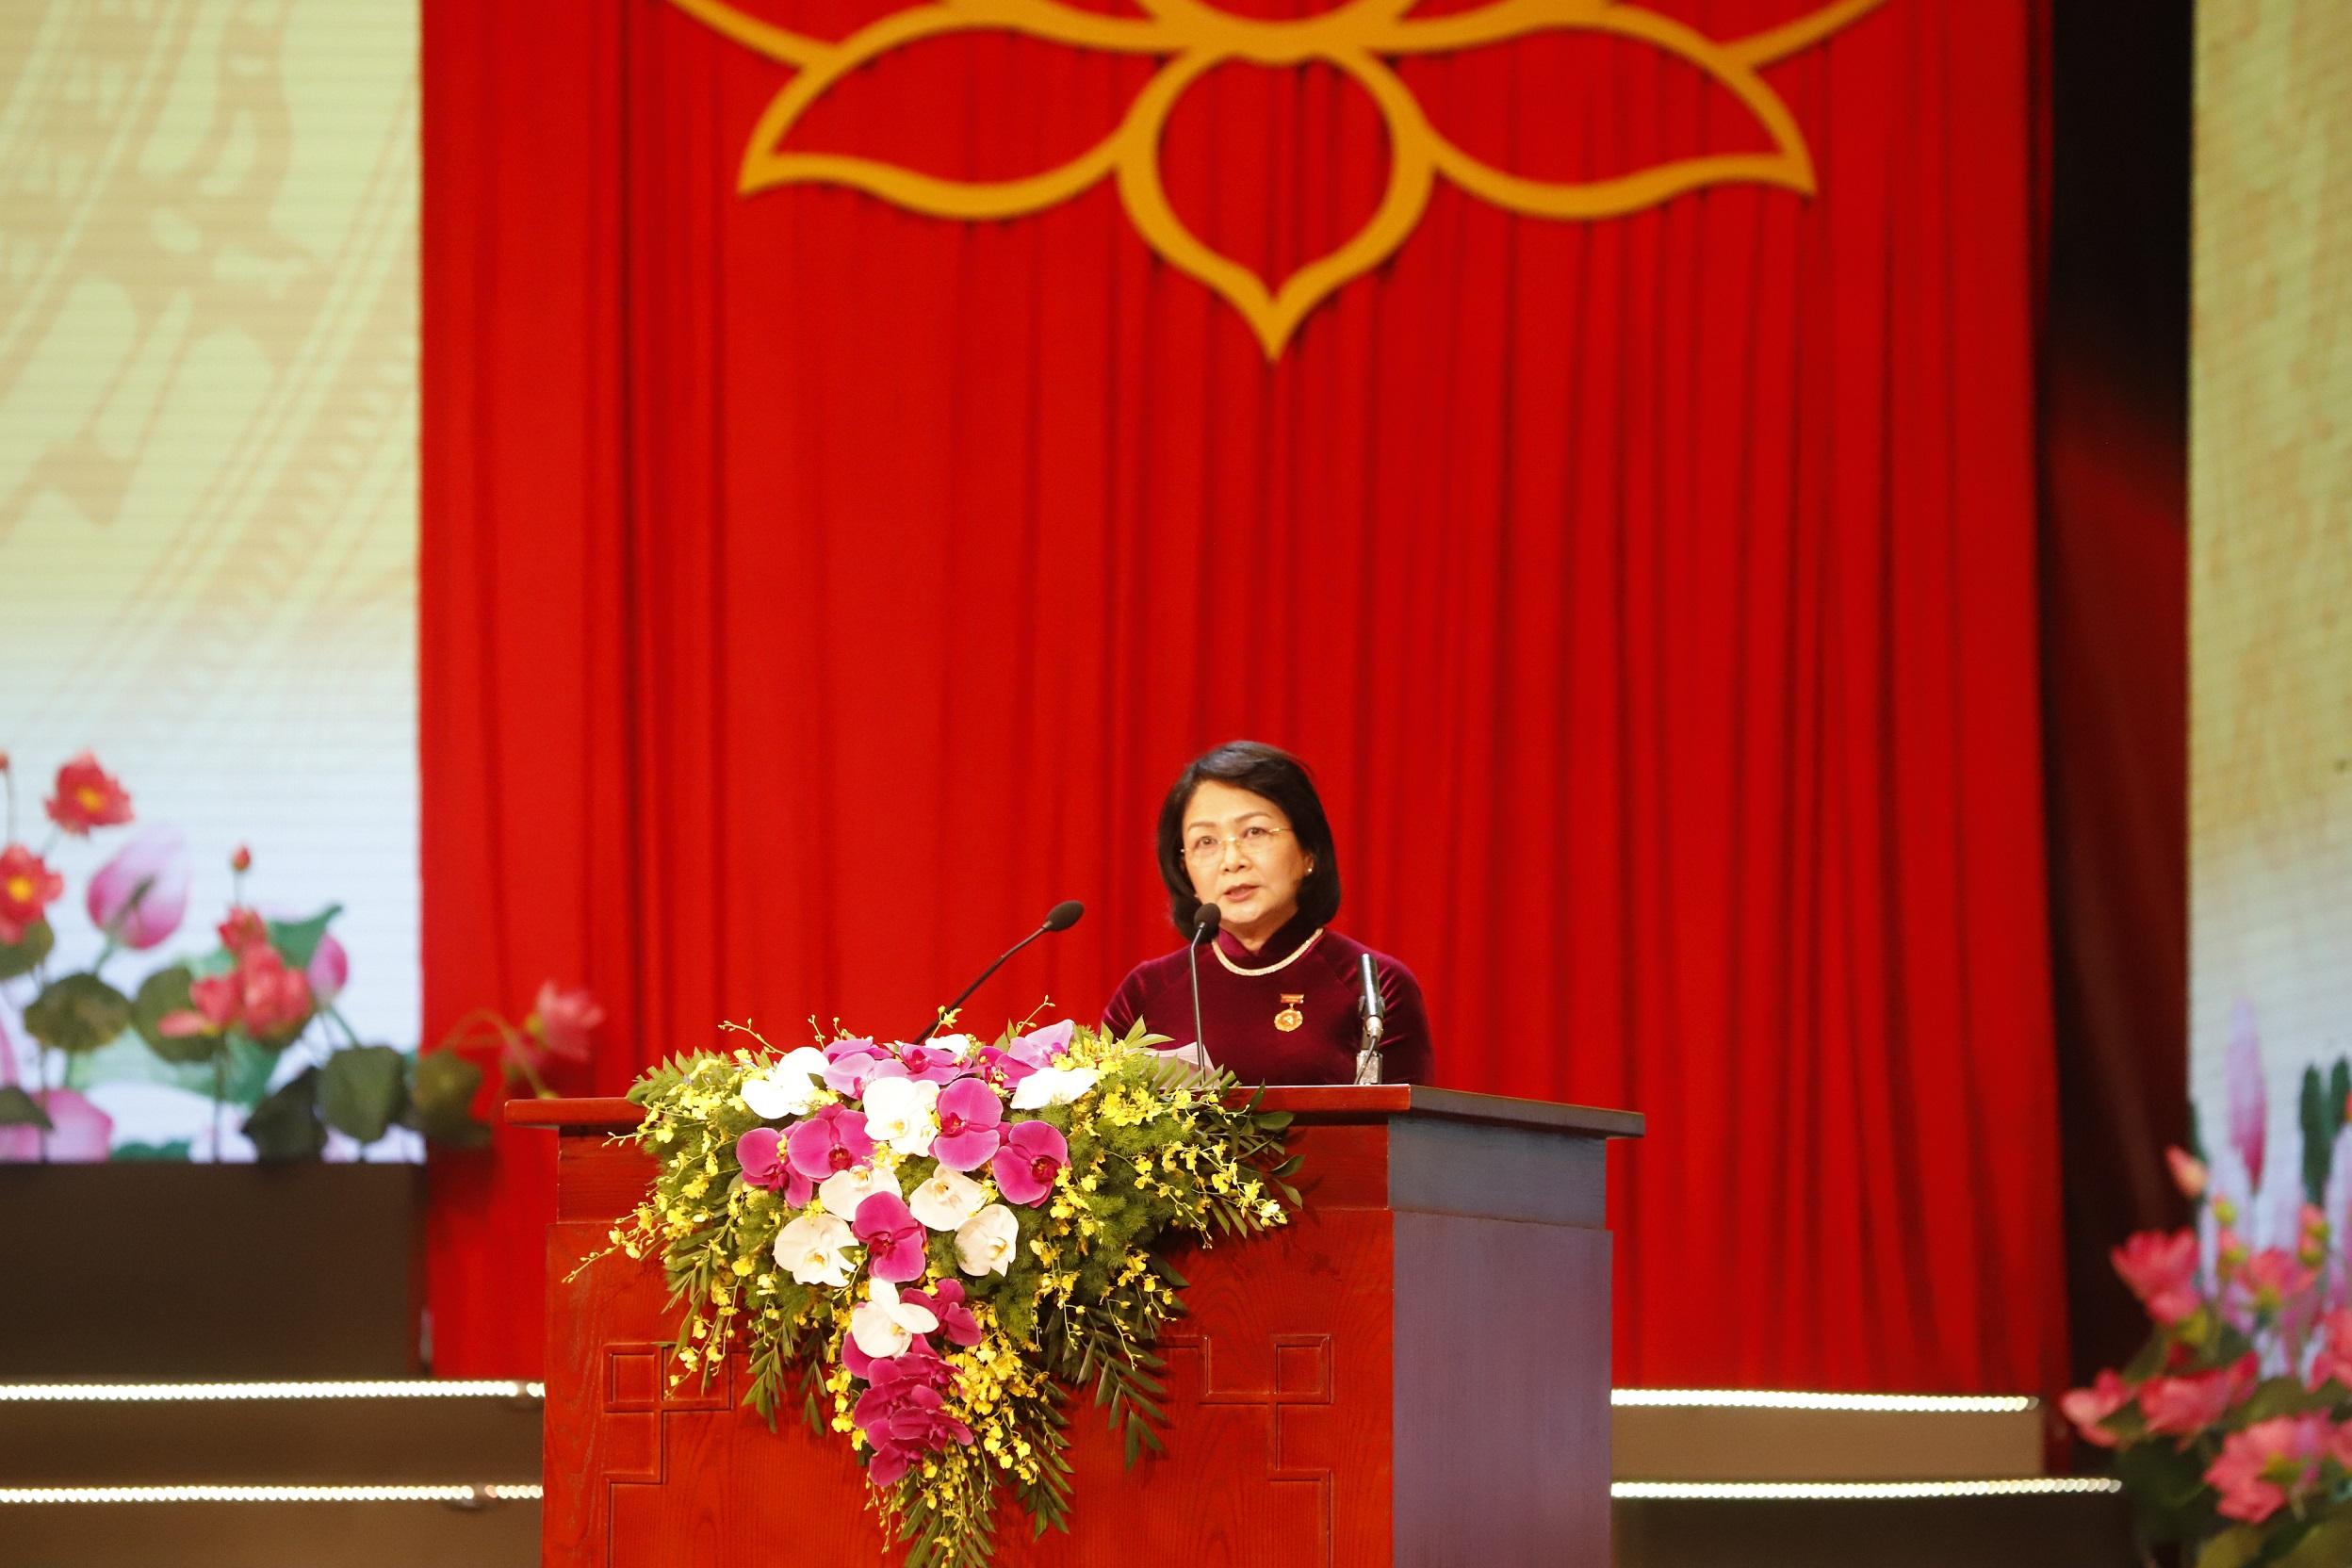 Phó Chủ tịch Nước Đặng Thị Ngọc Thịnh, Phó Chủ tịch Thứ Nhất Hội đồng Thi đua Khen thưởng Trung ương, Trưởng Ban Tổ chức Đại hội Báo cáo Tổng kết phong trào thi đua yêu nước và công tác khen thưởng 5 năm (2016-2020).